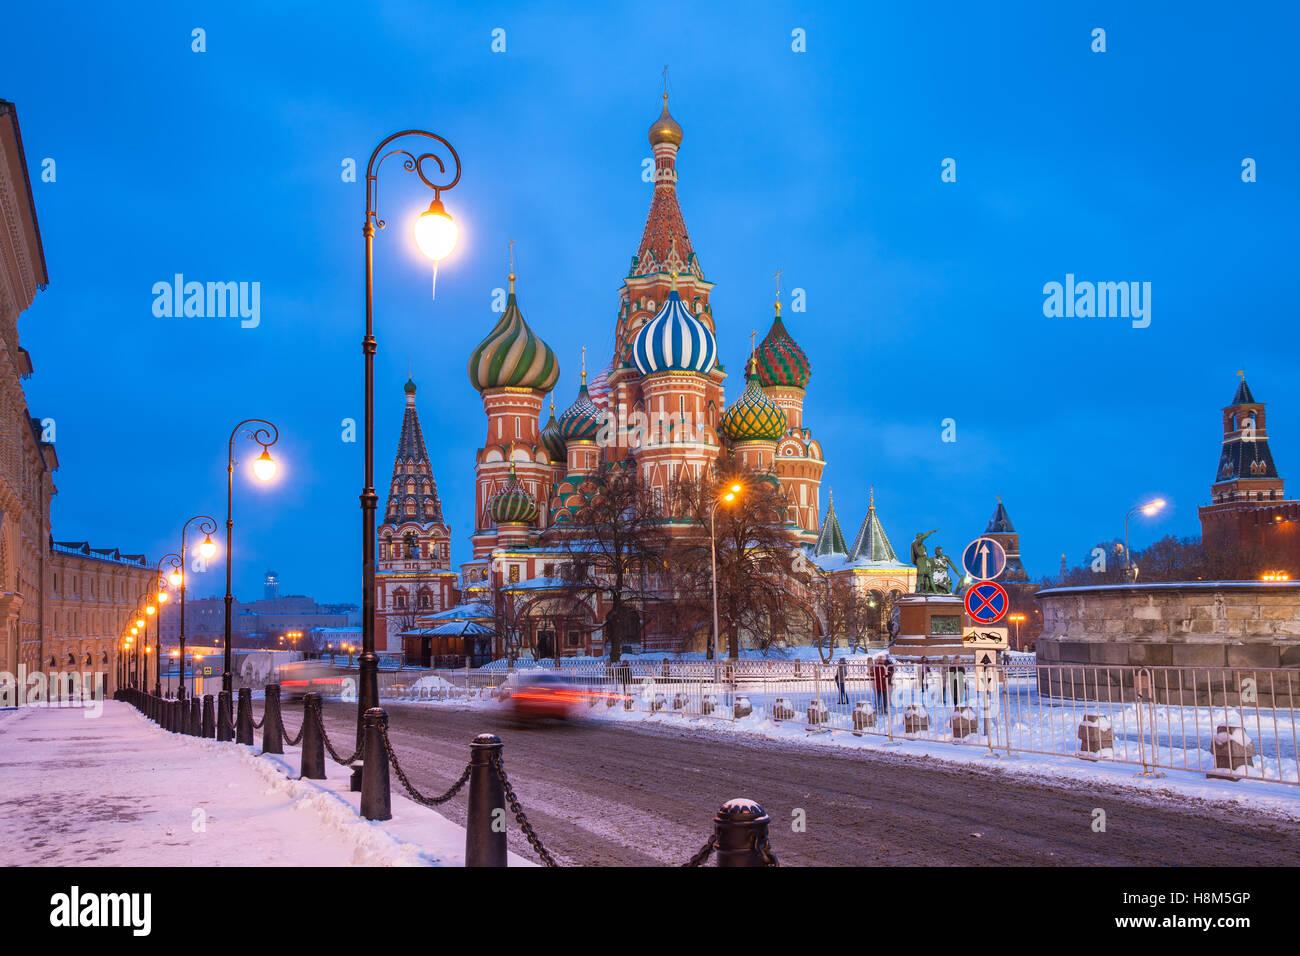 La tombée de la vue sur la cathédrale de basilics en hiver, place Rouge, Moscou, Russie Photo Stock